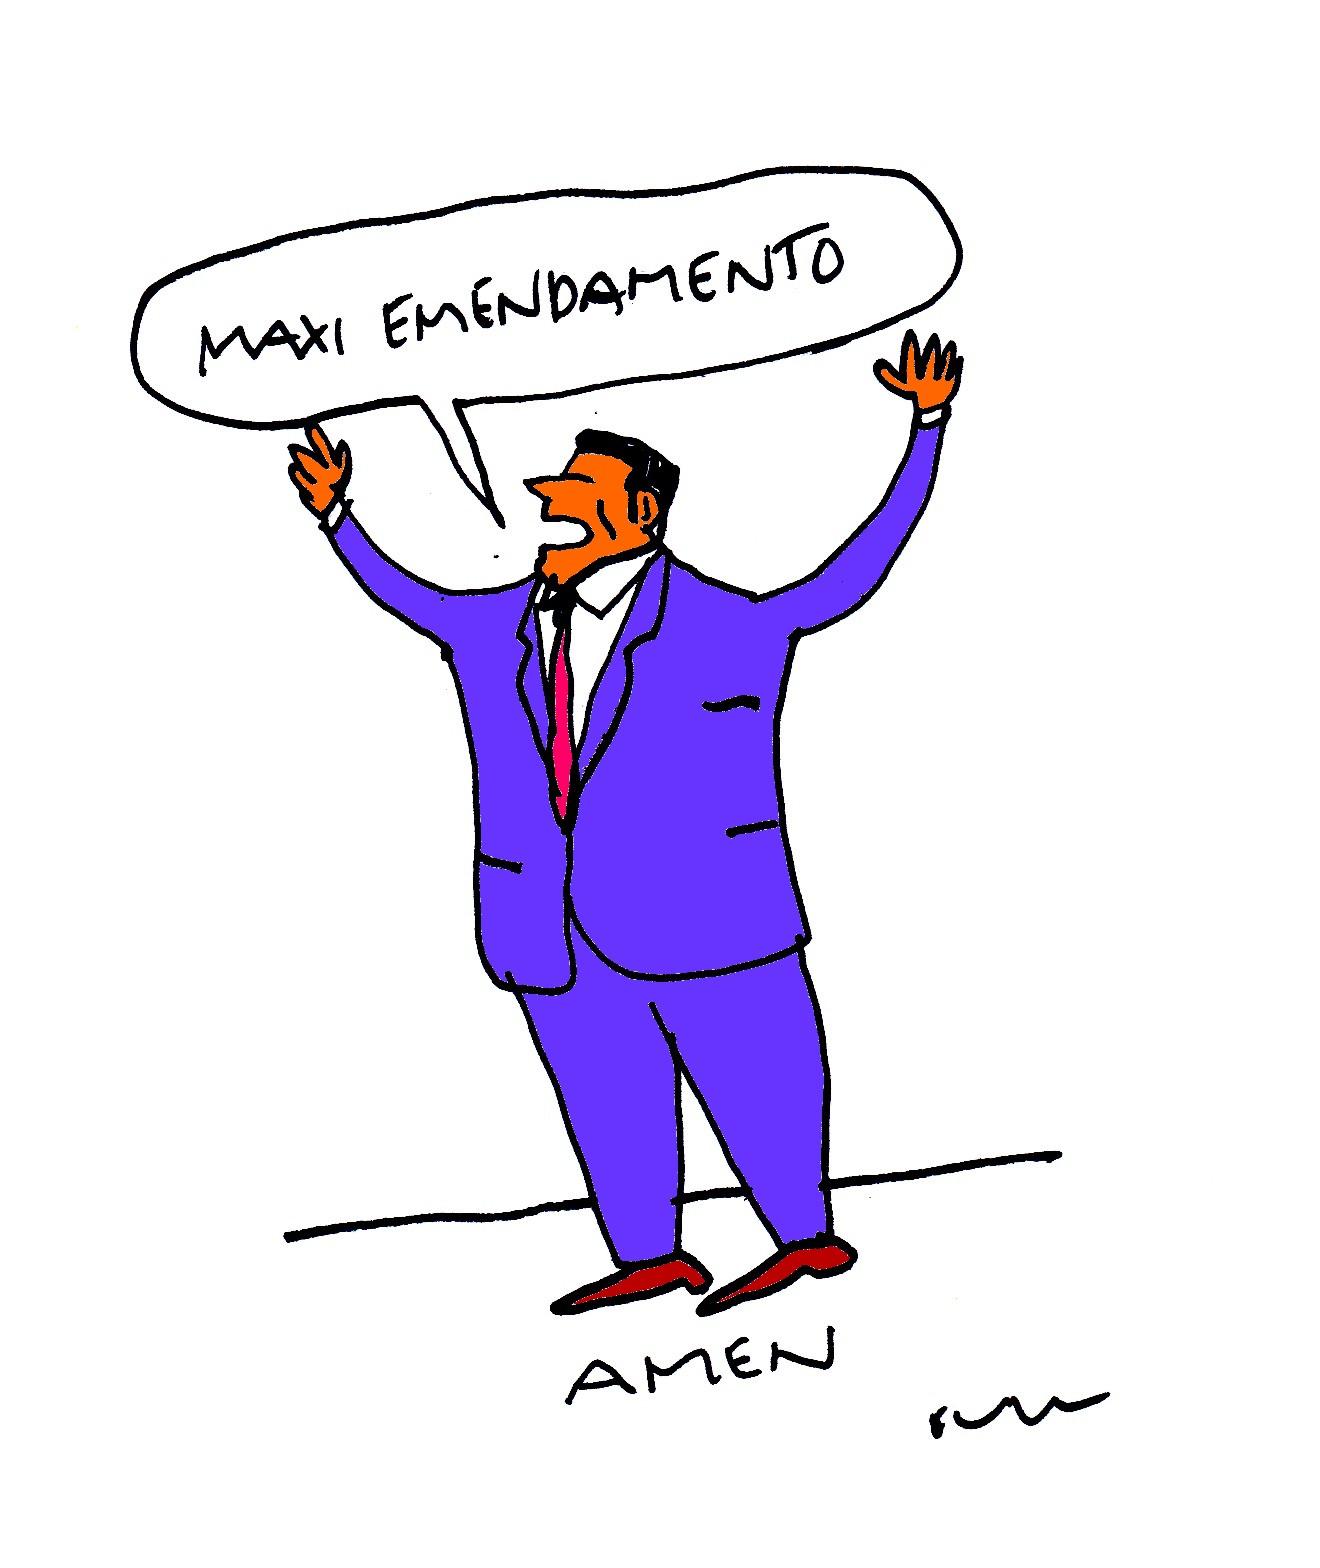 maxi amekn